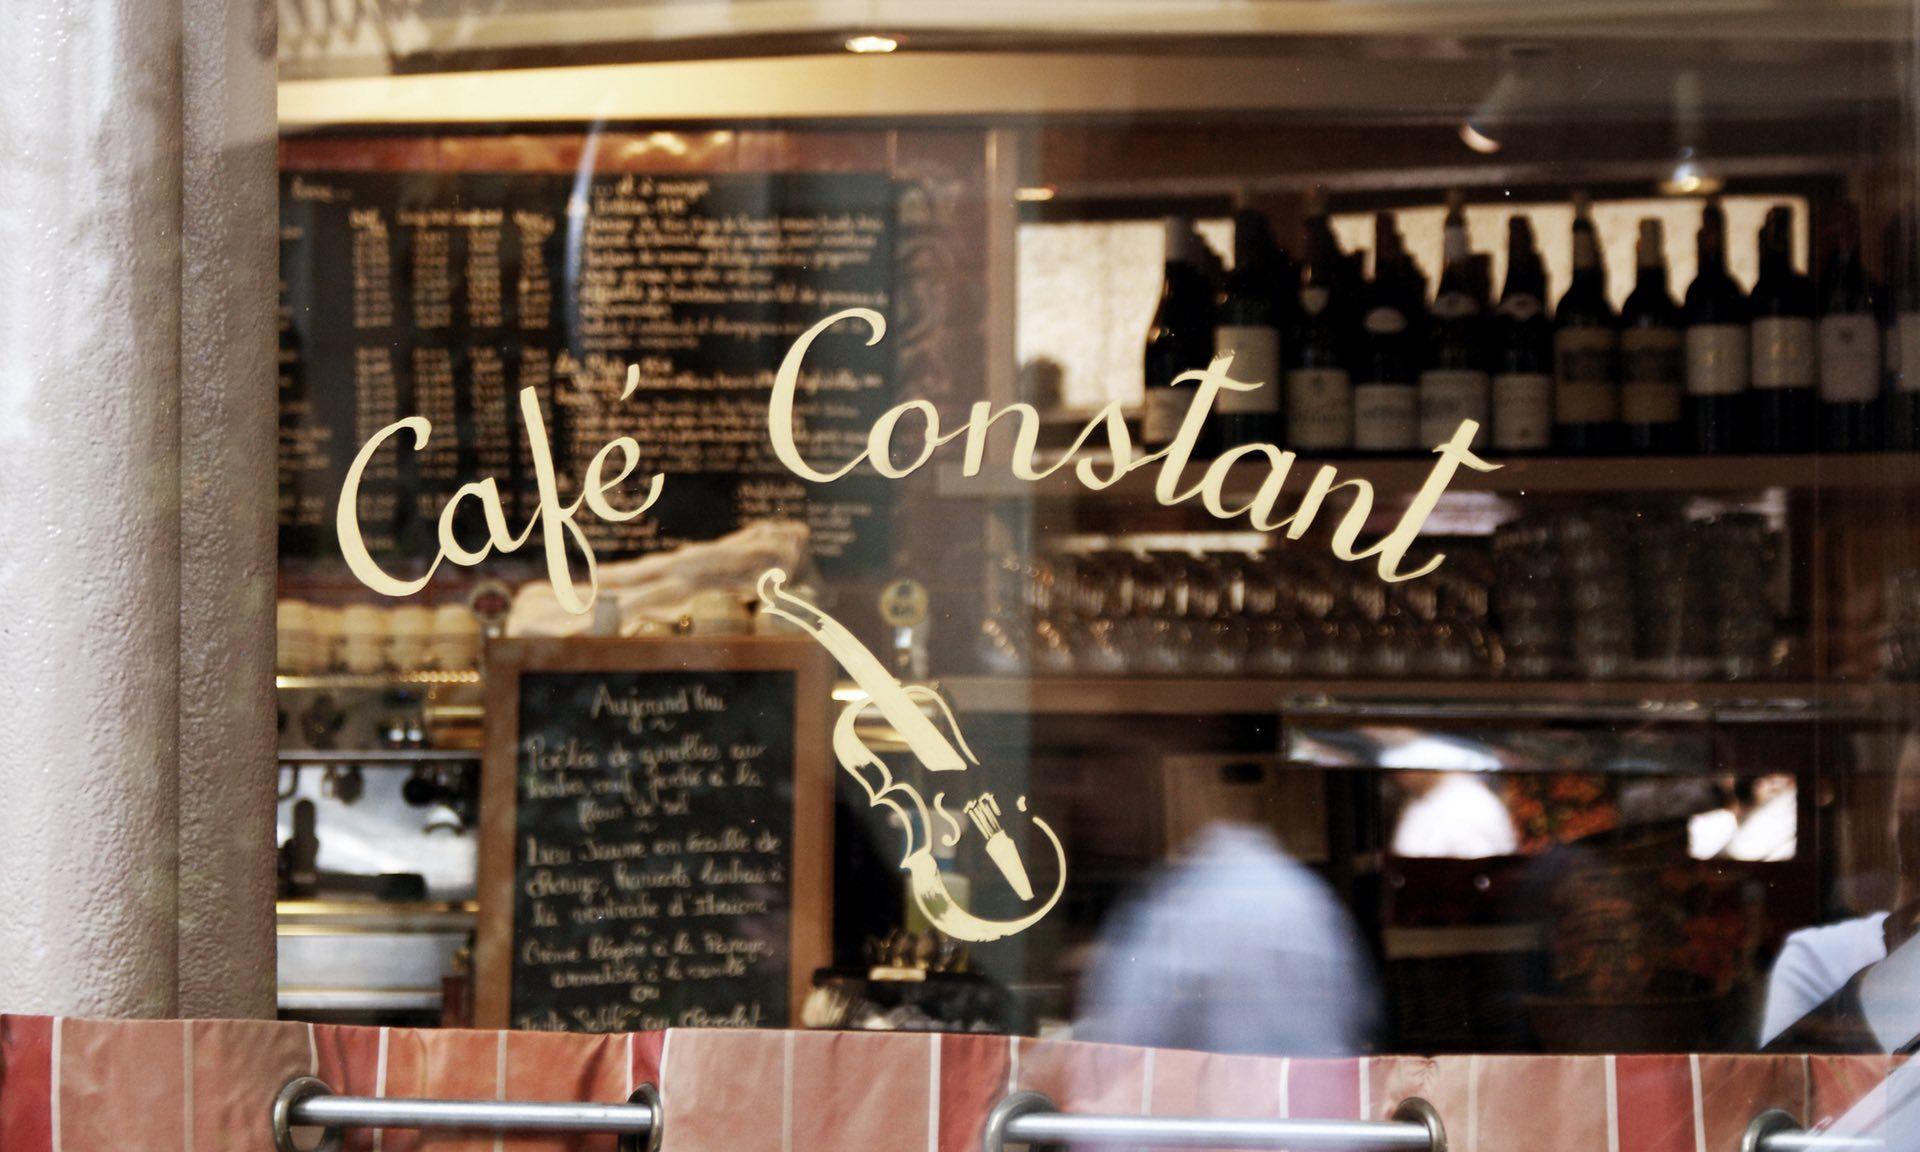 Париж Café-Constant - Интернет в странах Европы